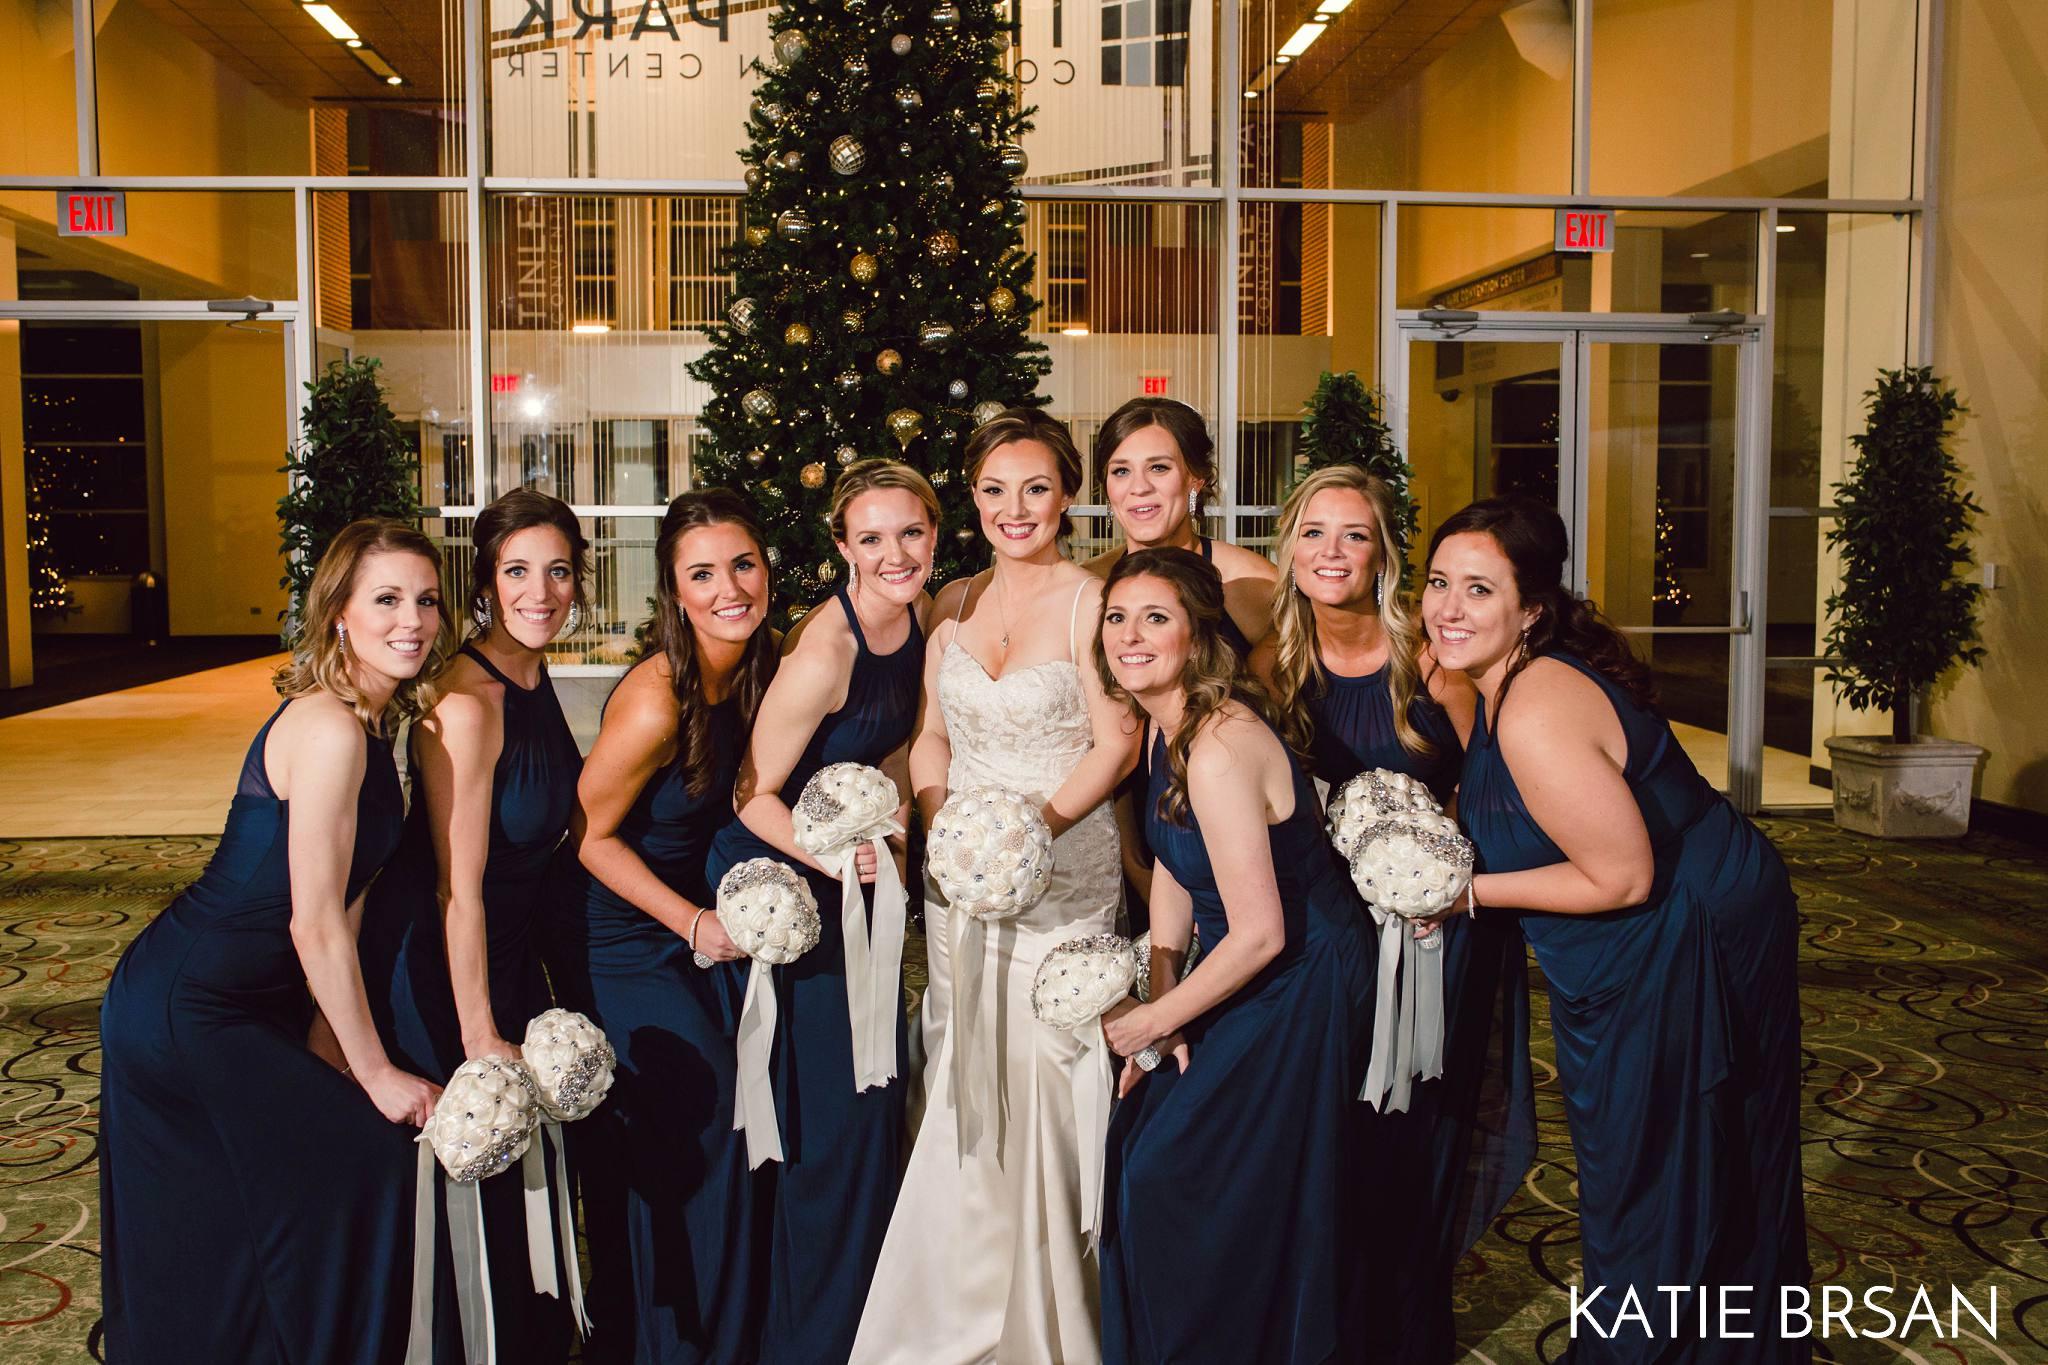 KatieBrsan-NewYearsEve-Wedding_0471.jpg